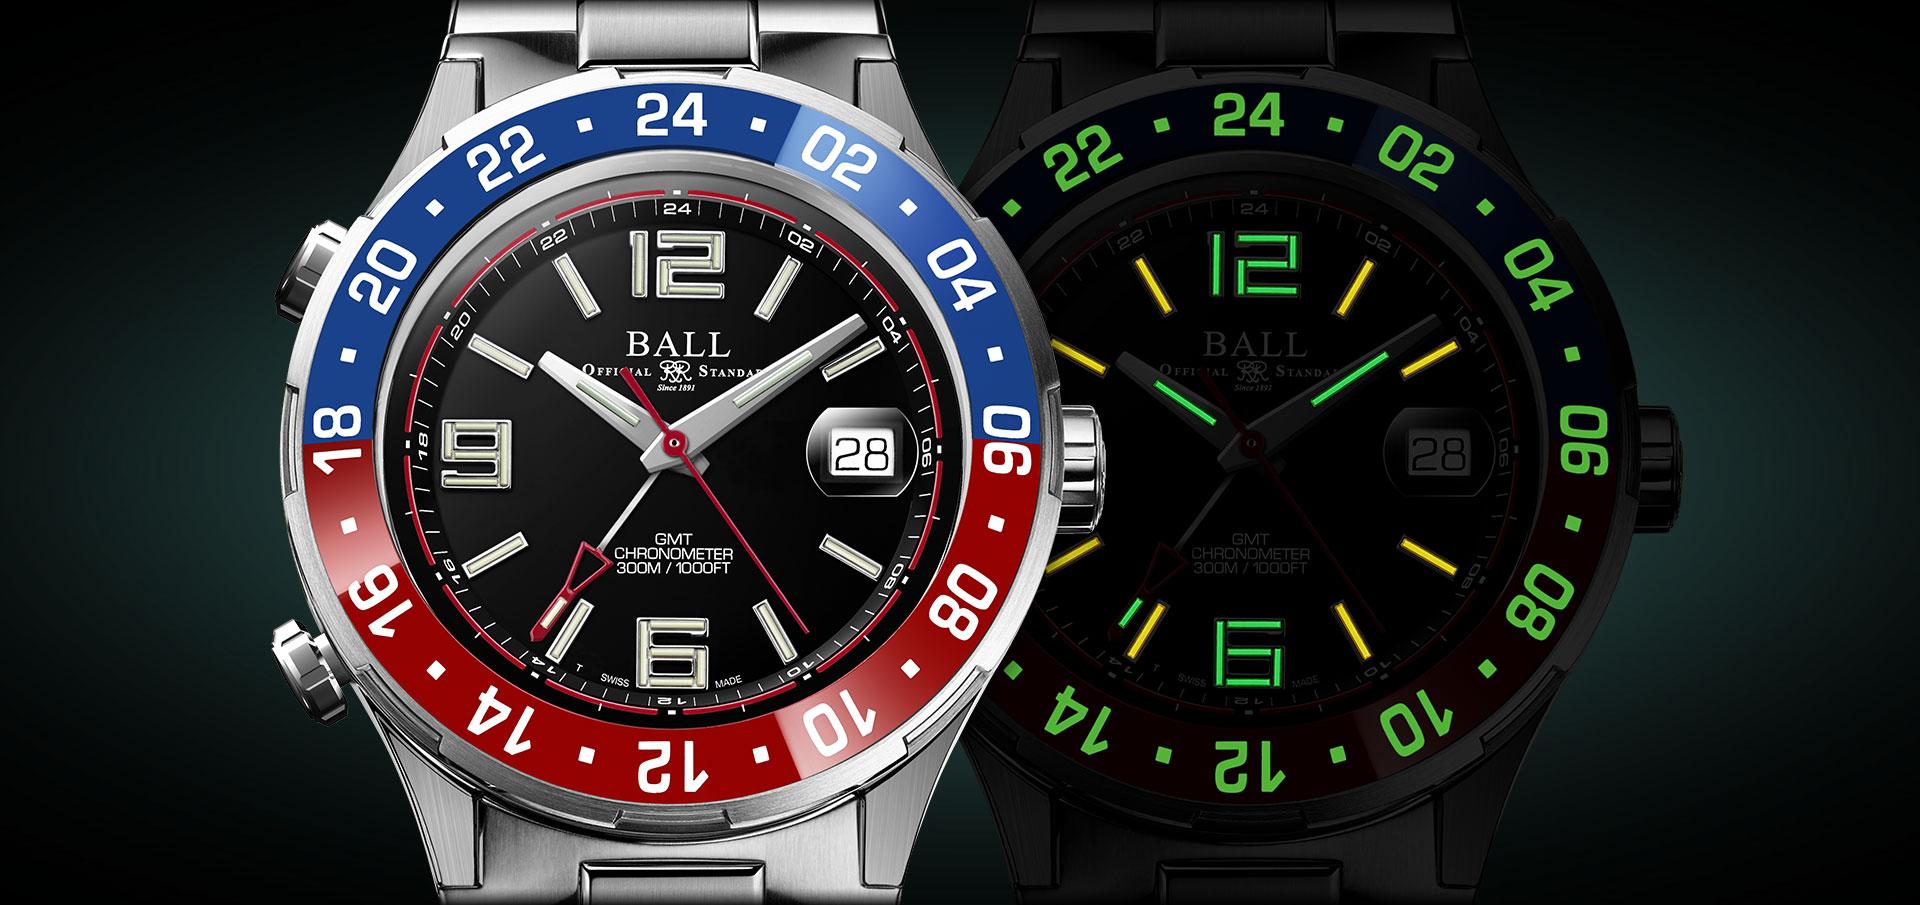 BALL_Pilot_GMT_DESKTOP_01-1920x905.jpg